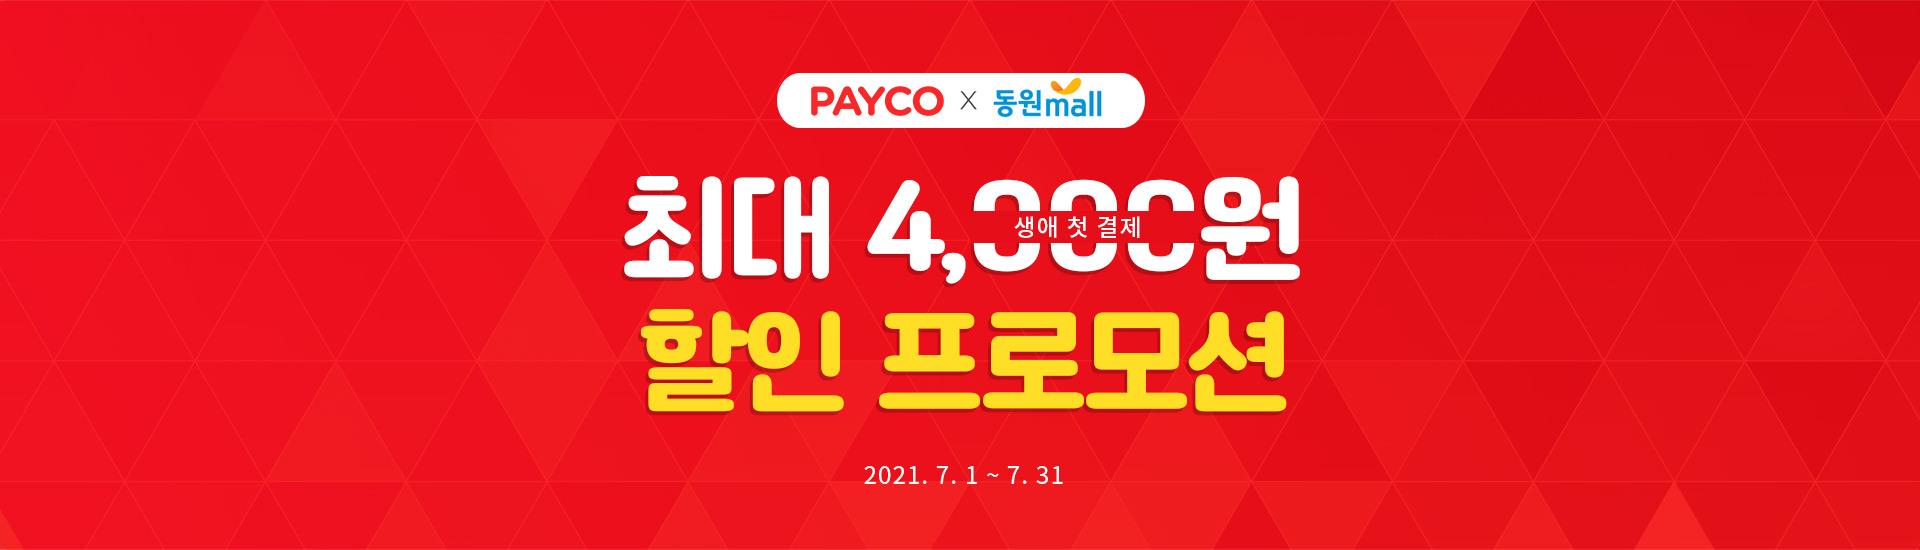 페이코 동원몰 생애 첫 결제 최대 4,000원 할인 프로모션